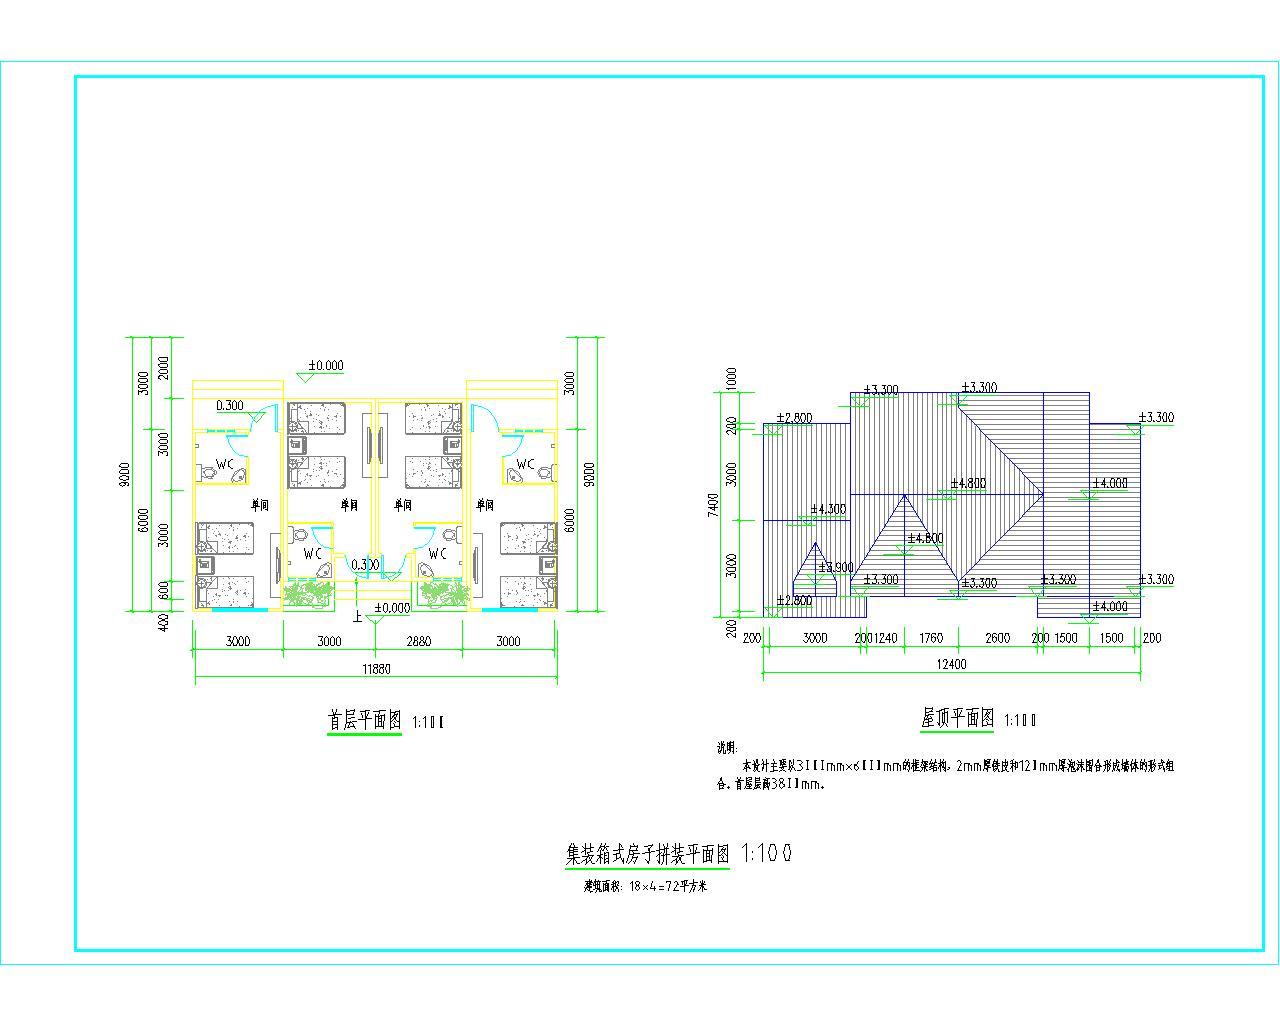 集装箱房子的结构图纸_集装箱式房子拼装平面图免费下载 - 建筑户型平面图 - 土木工程网